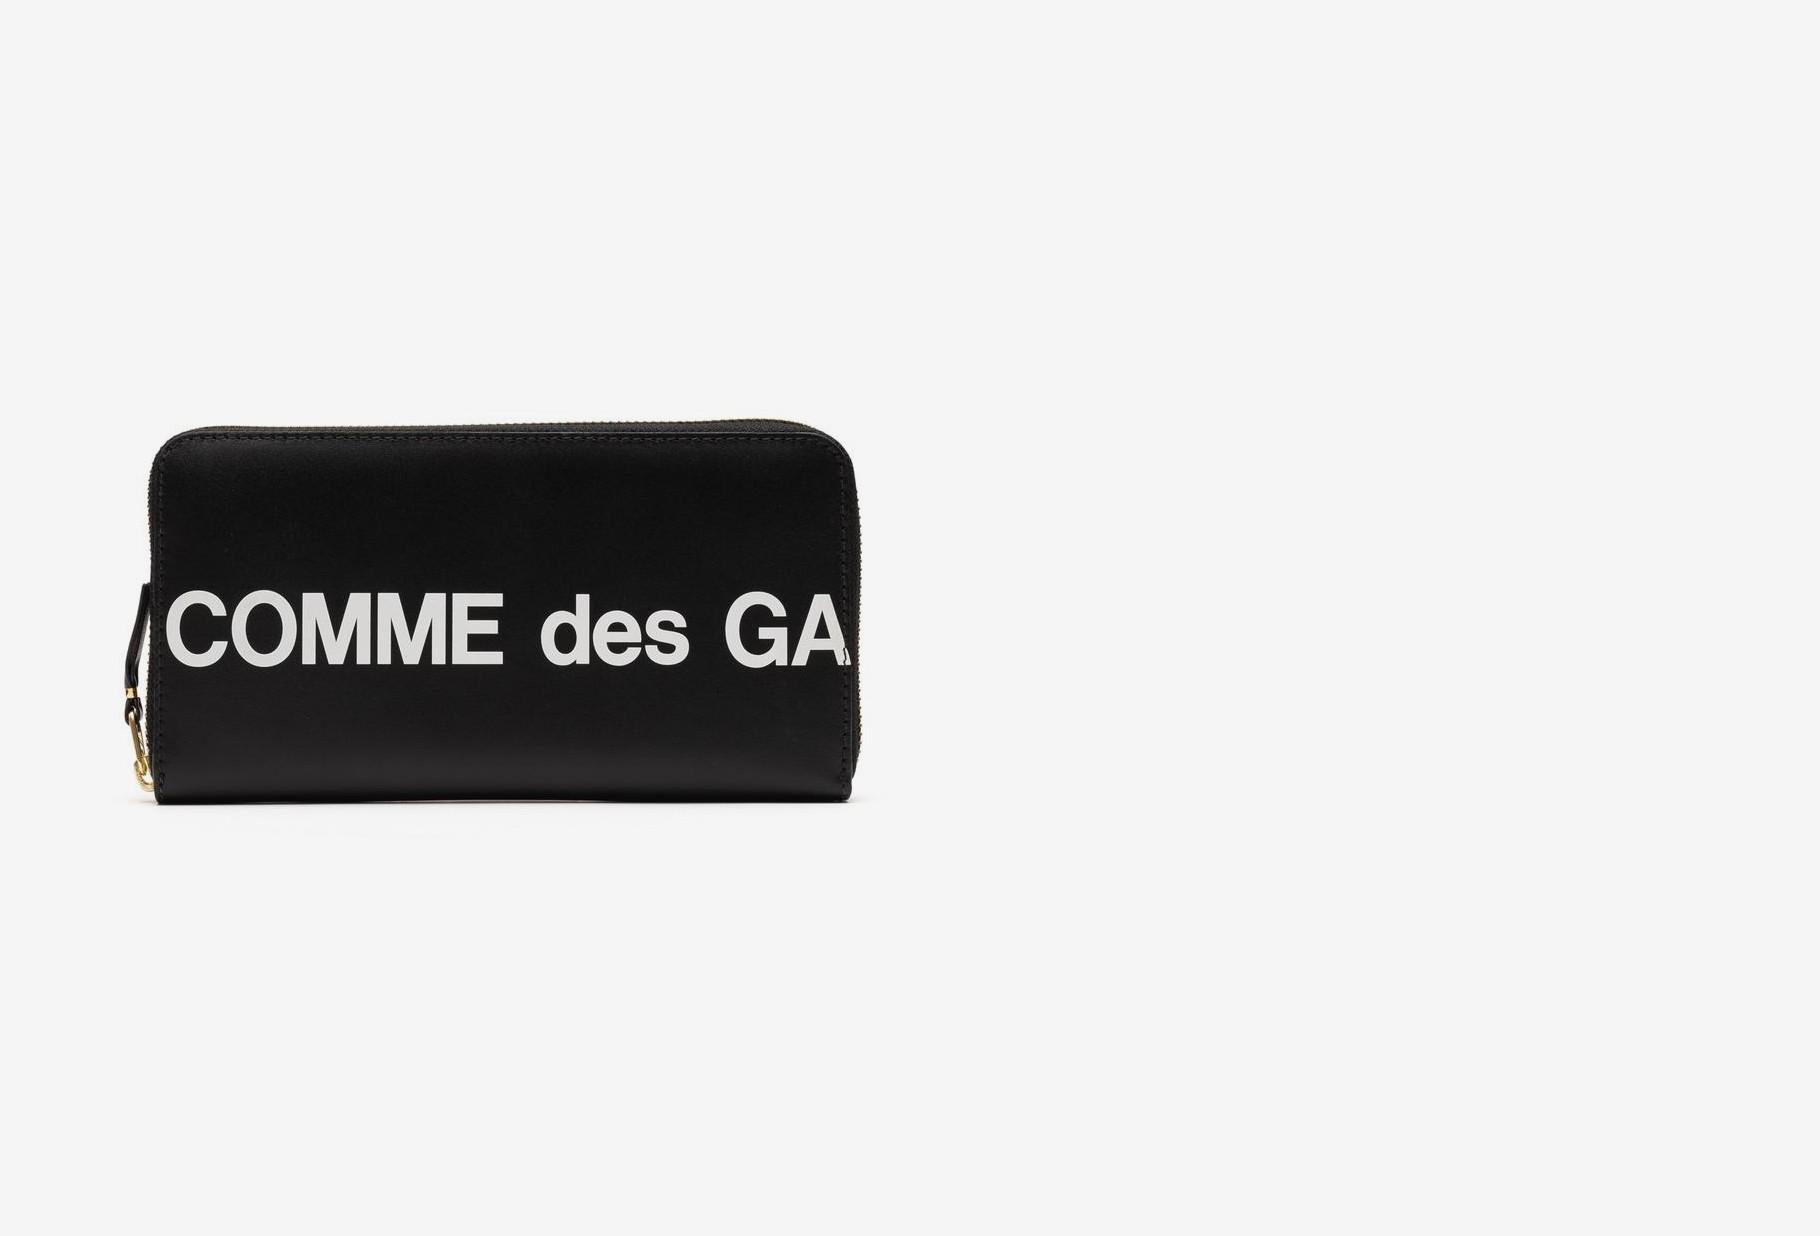 COMME DES GARÇONS WALLETS / Cdg huge logo wallet sa0111hl Black